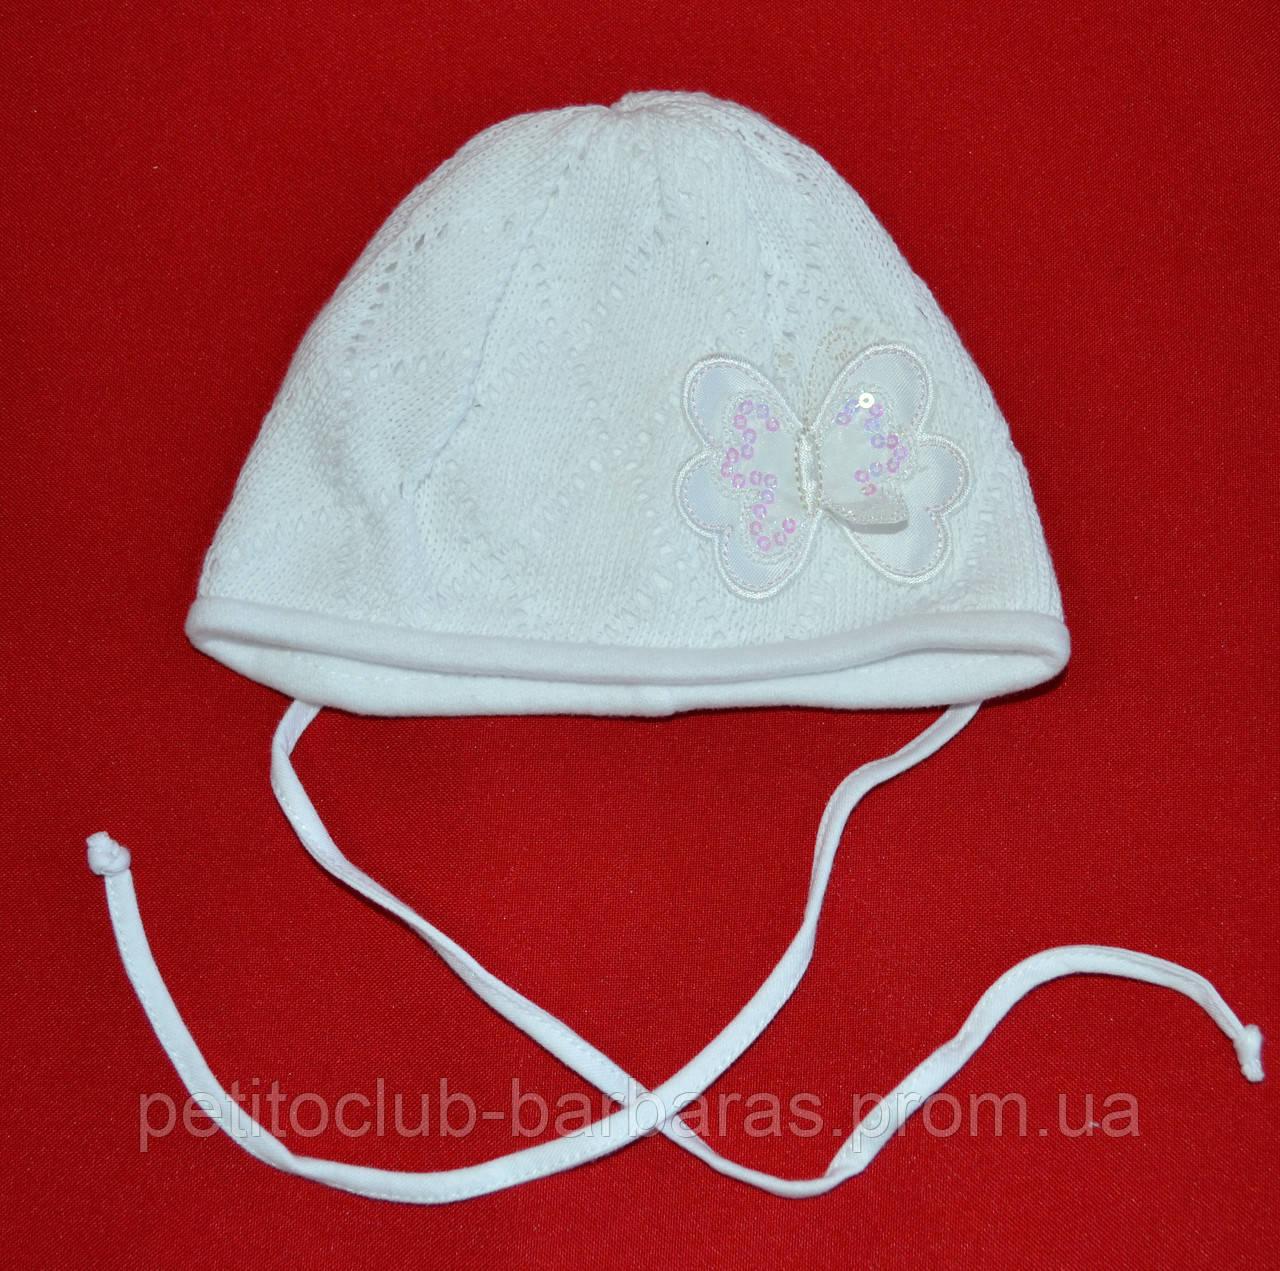 Шапка демисезонная для новорожденной девочки Fabia белая (Broel, Польша)